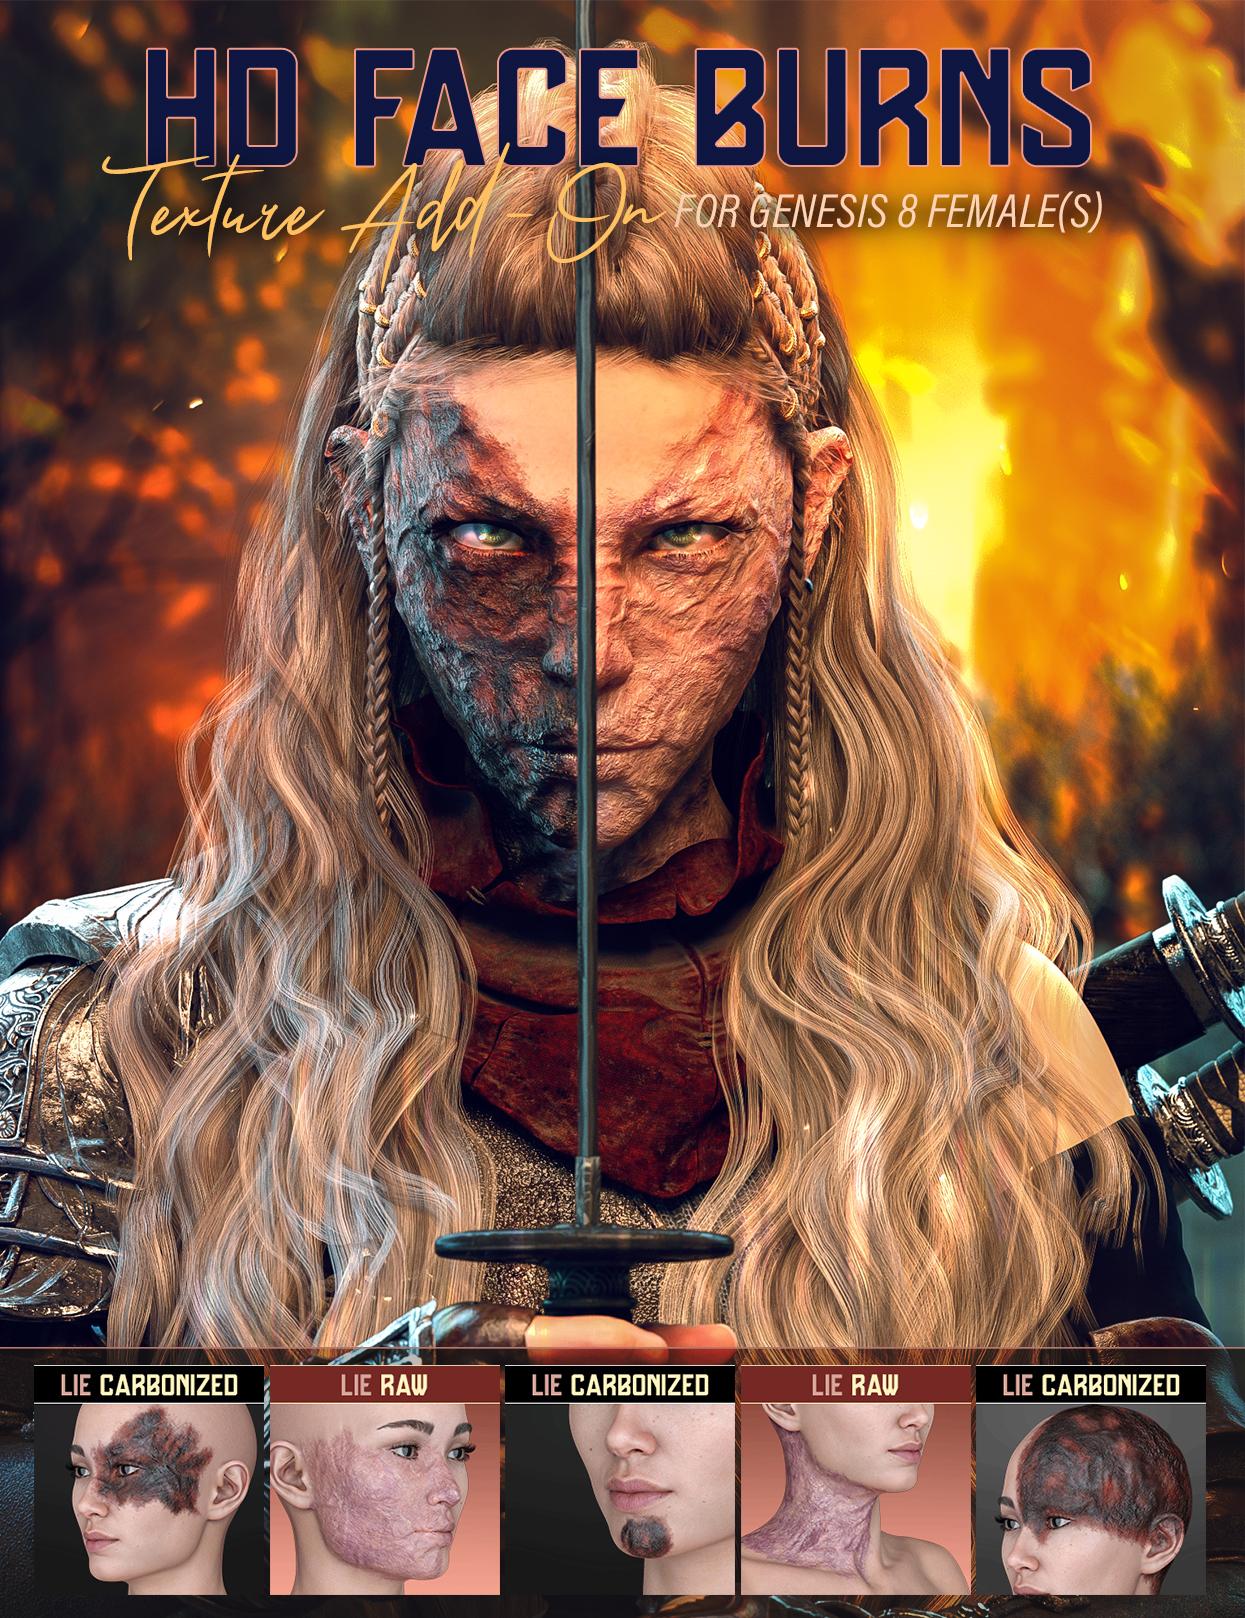 HD Face Burns AddOn for Genesis 8 Females by: FenixPhoenixEsid, 3D Models by Daz 3D